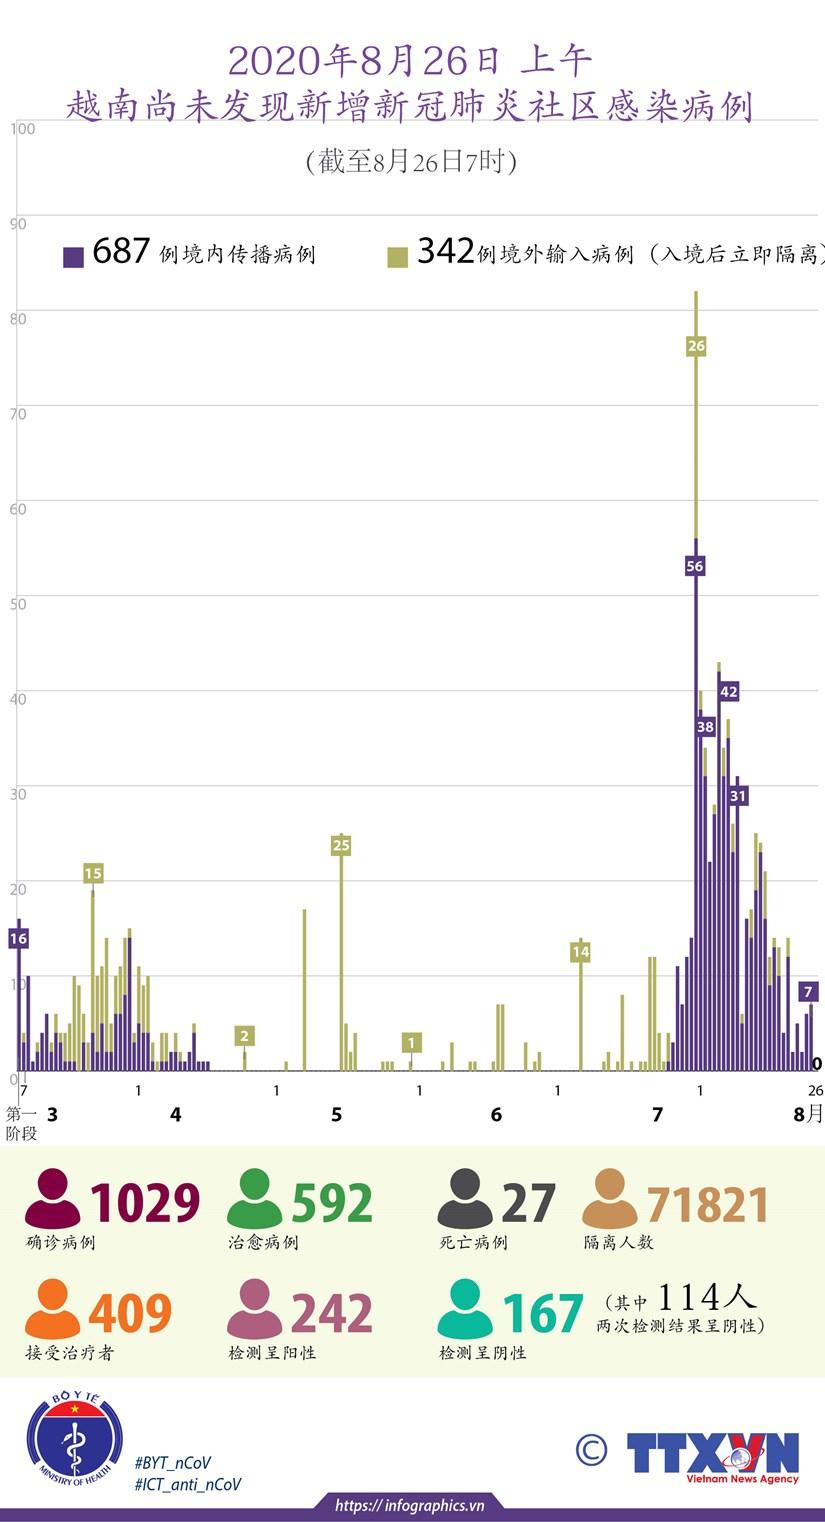 图表新闻: 2020年6月28日上午越南尚未发现新增新冠肺炎社区感染病例 hinh anh 1